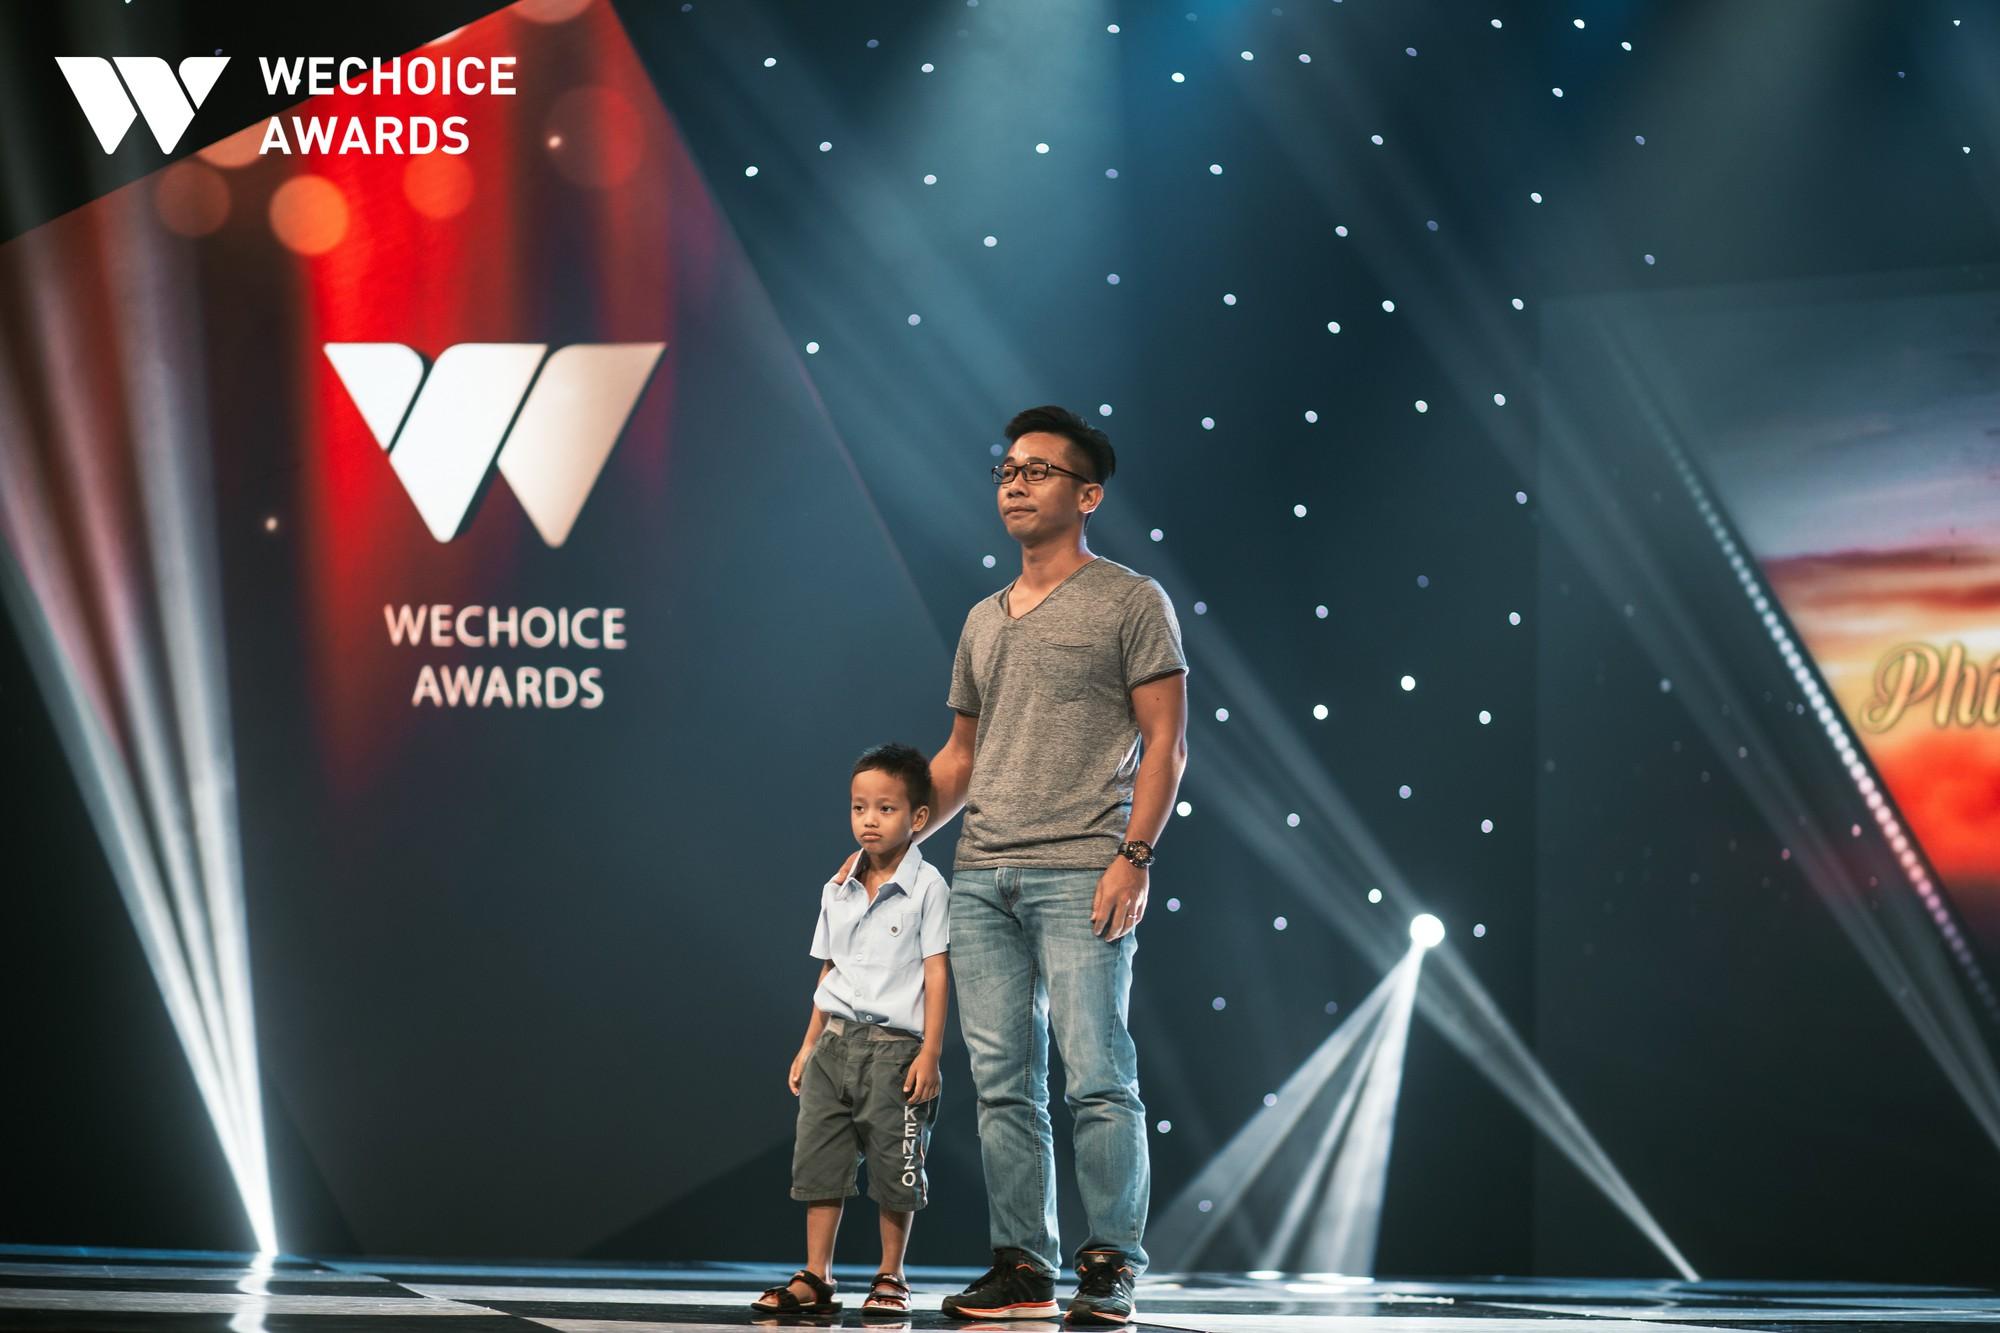 Mẹ cậu bé xếp dép bật khóc trên sóng truyền hình khi nhắc đến ước mơ thành hiện thực: Có việc làm để nuôi con - Ảnh 2.